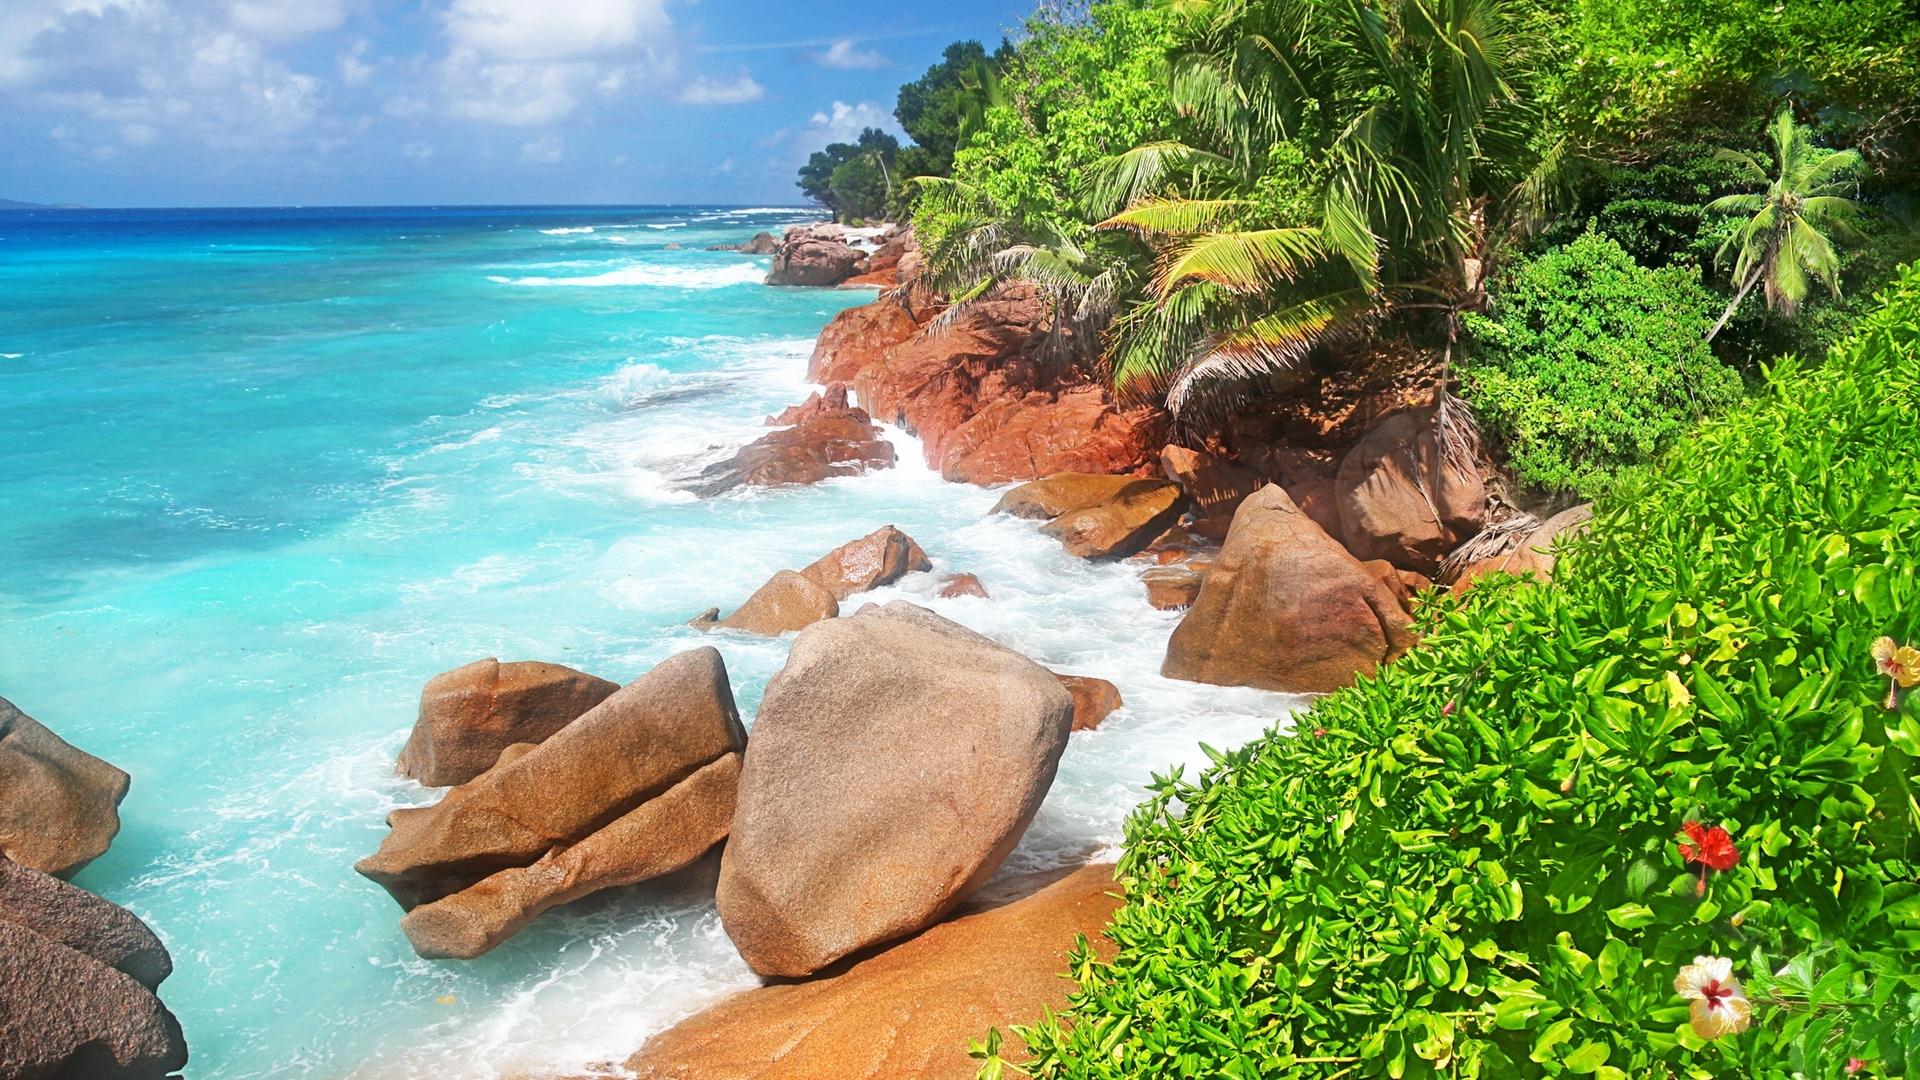 39228壁紙のダウンロード風景, 海, ビーチ-スクリーンセーバーと写真を無料で